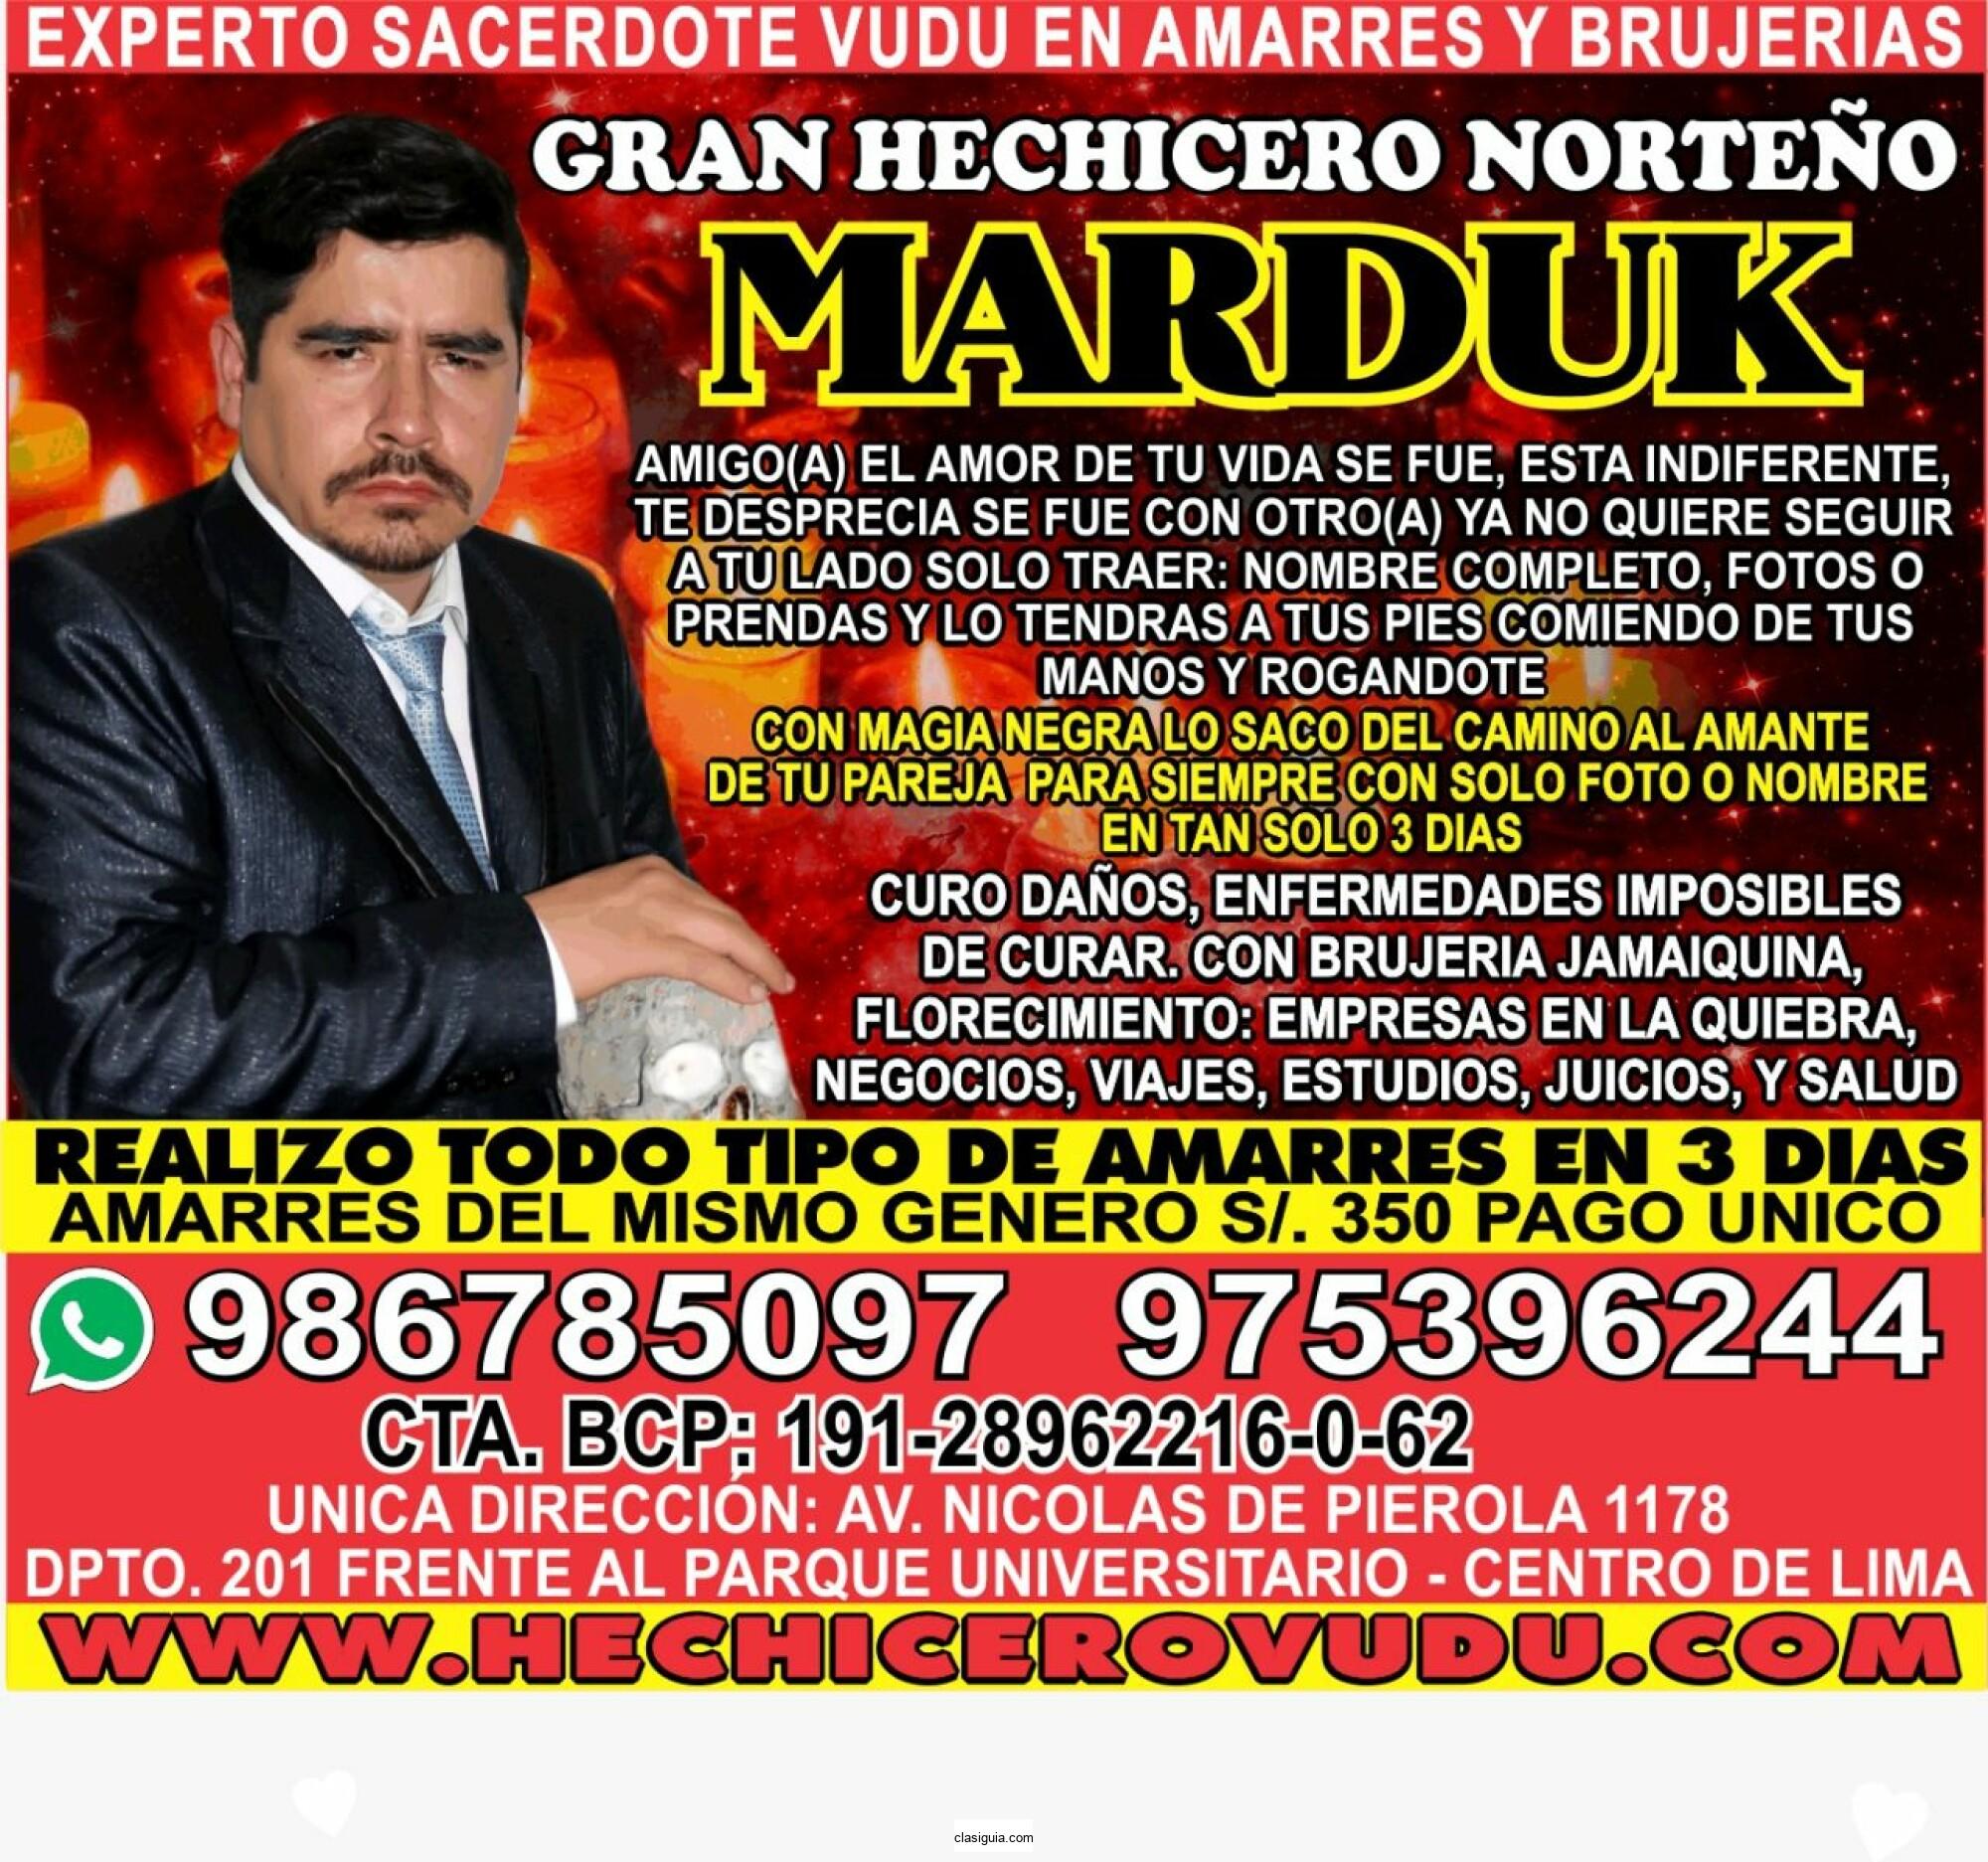 MAESTRO MARDUK EN ECUADOR